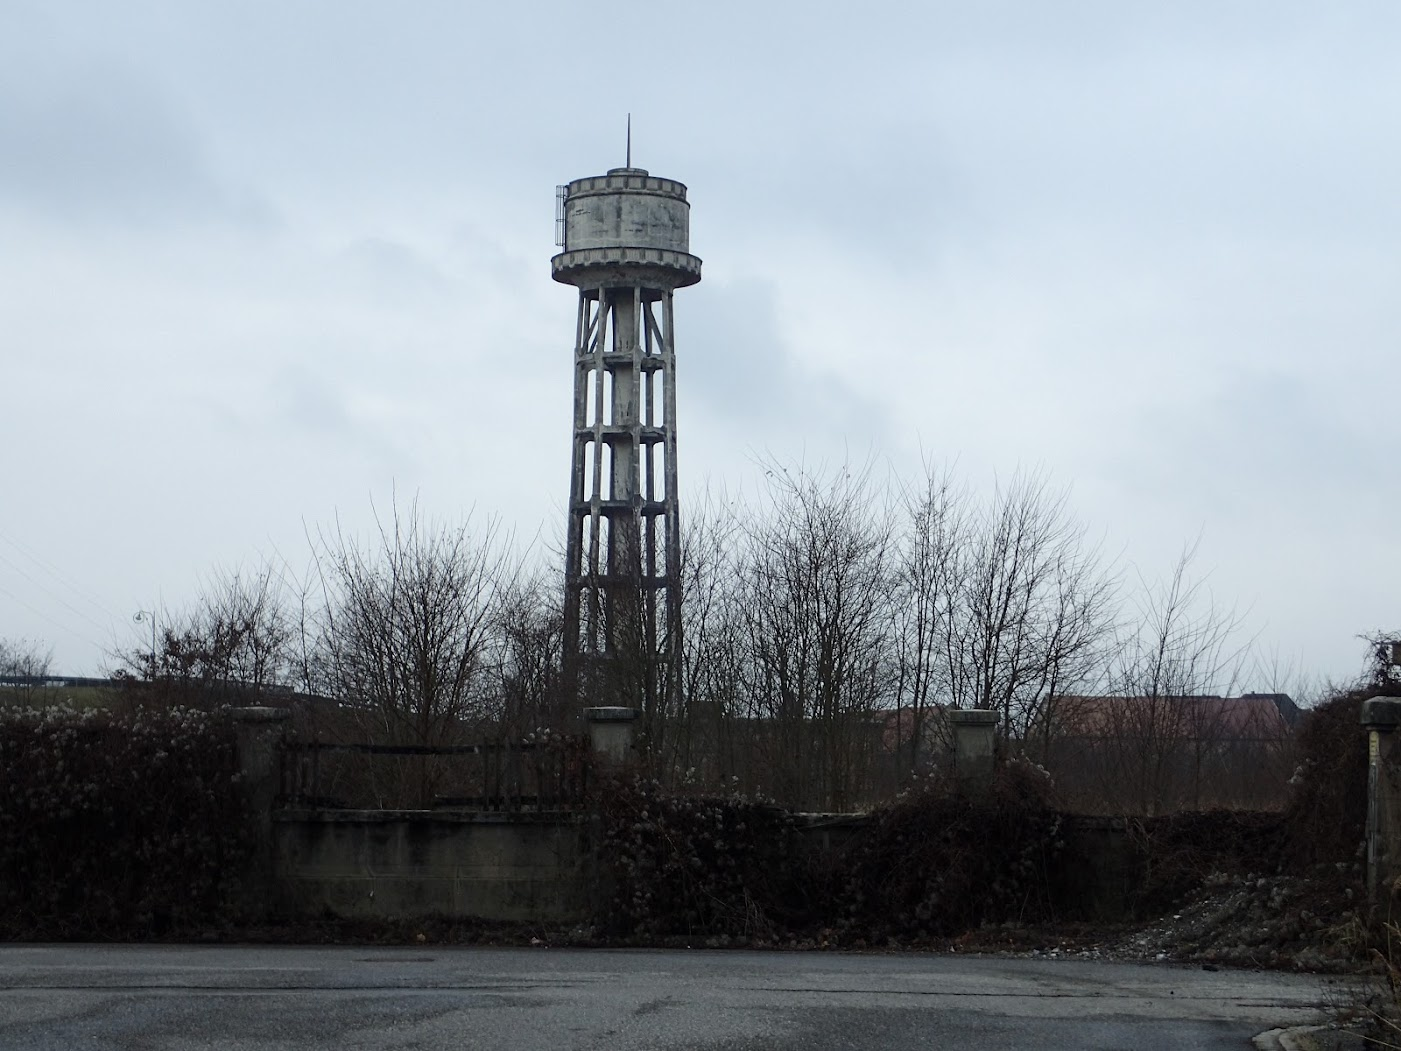 Staffelfelden, le château d'eau gracile sur ses longues jambes de béton